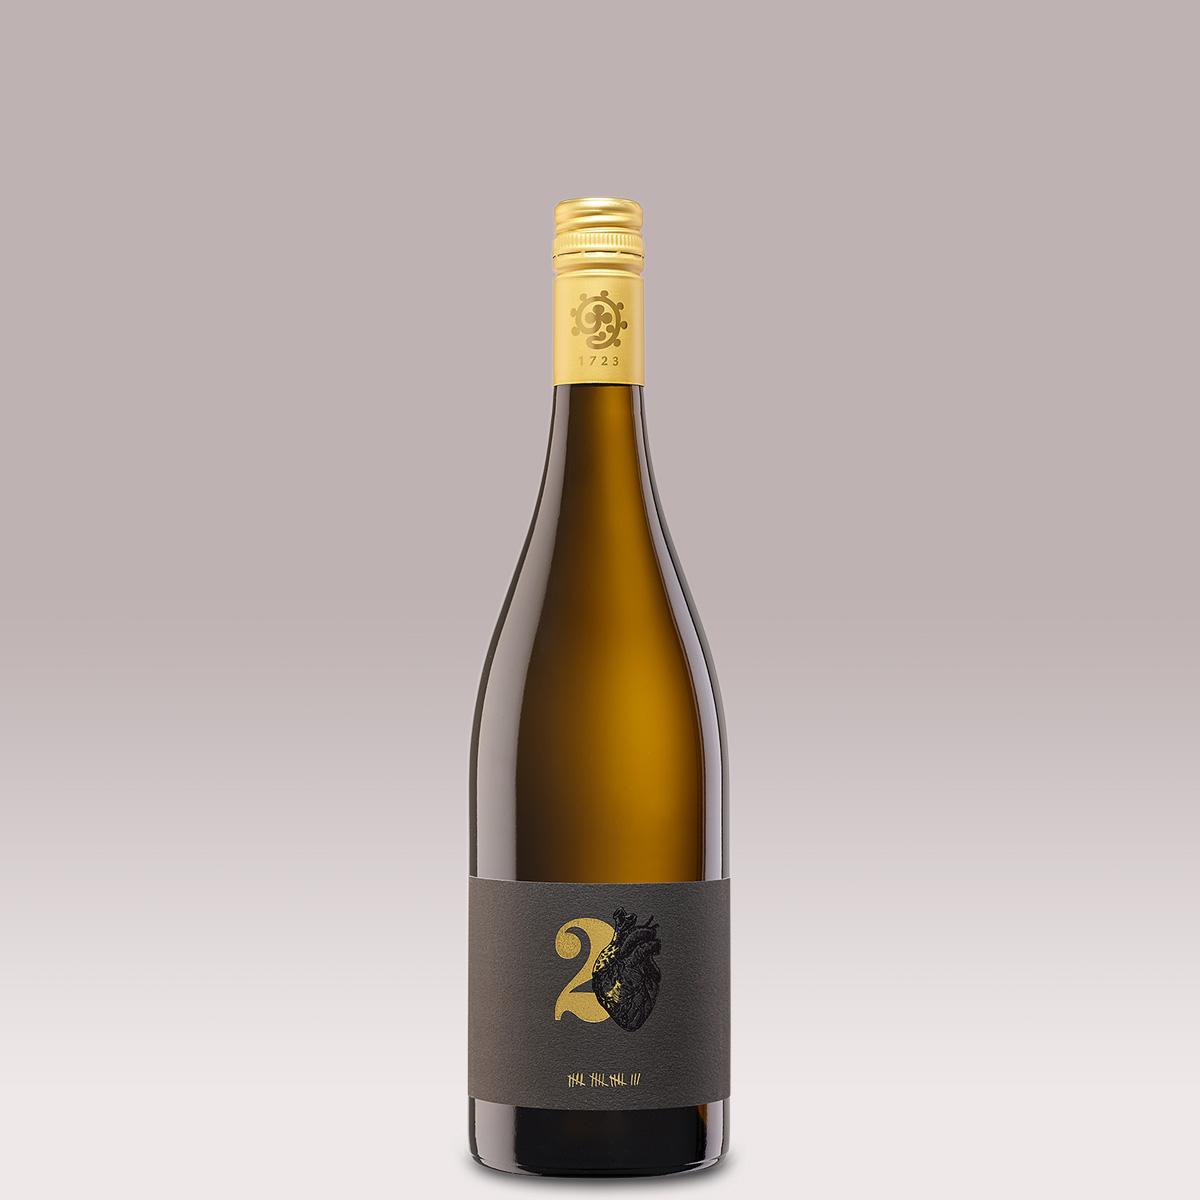 2018 Zwei Herzen Weißwein trocken